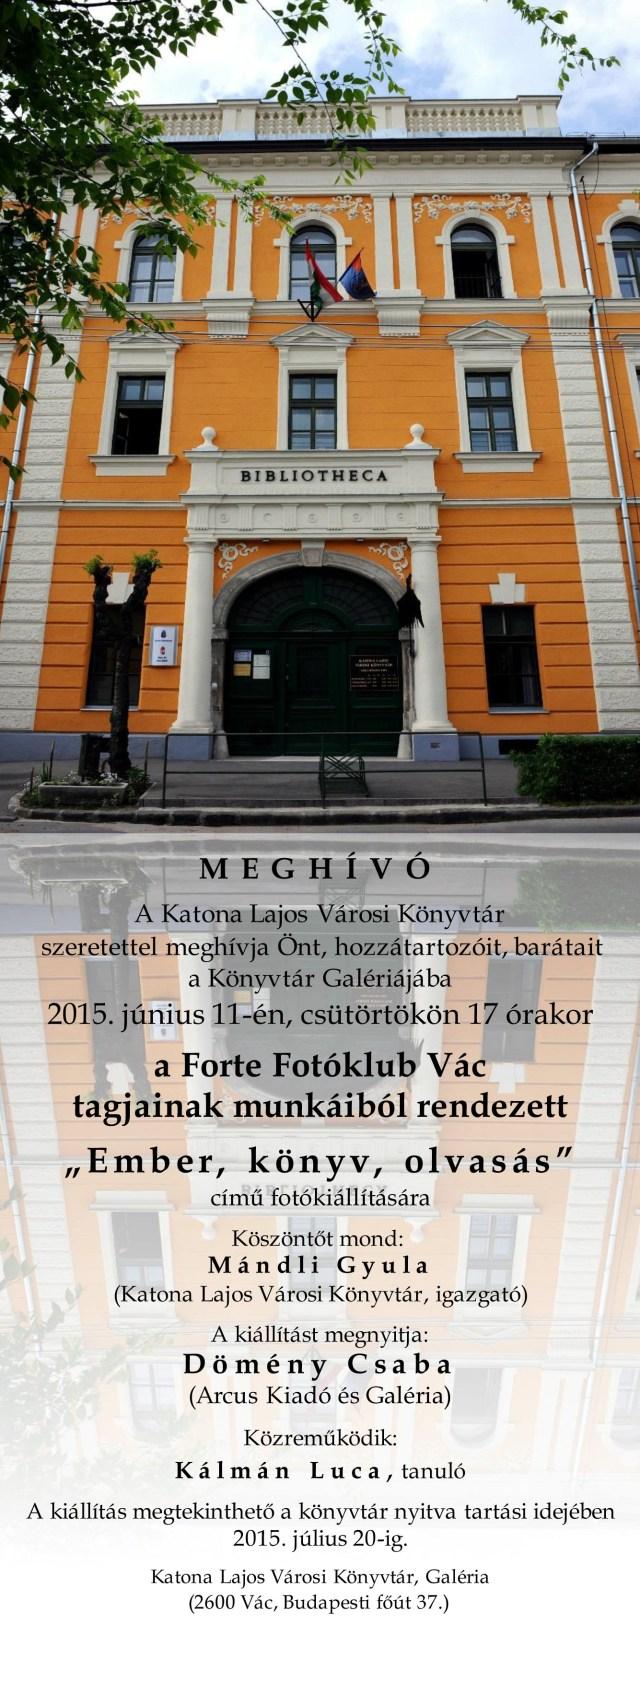 Könyvtár FFV meghívó